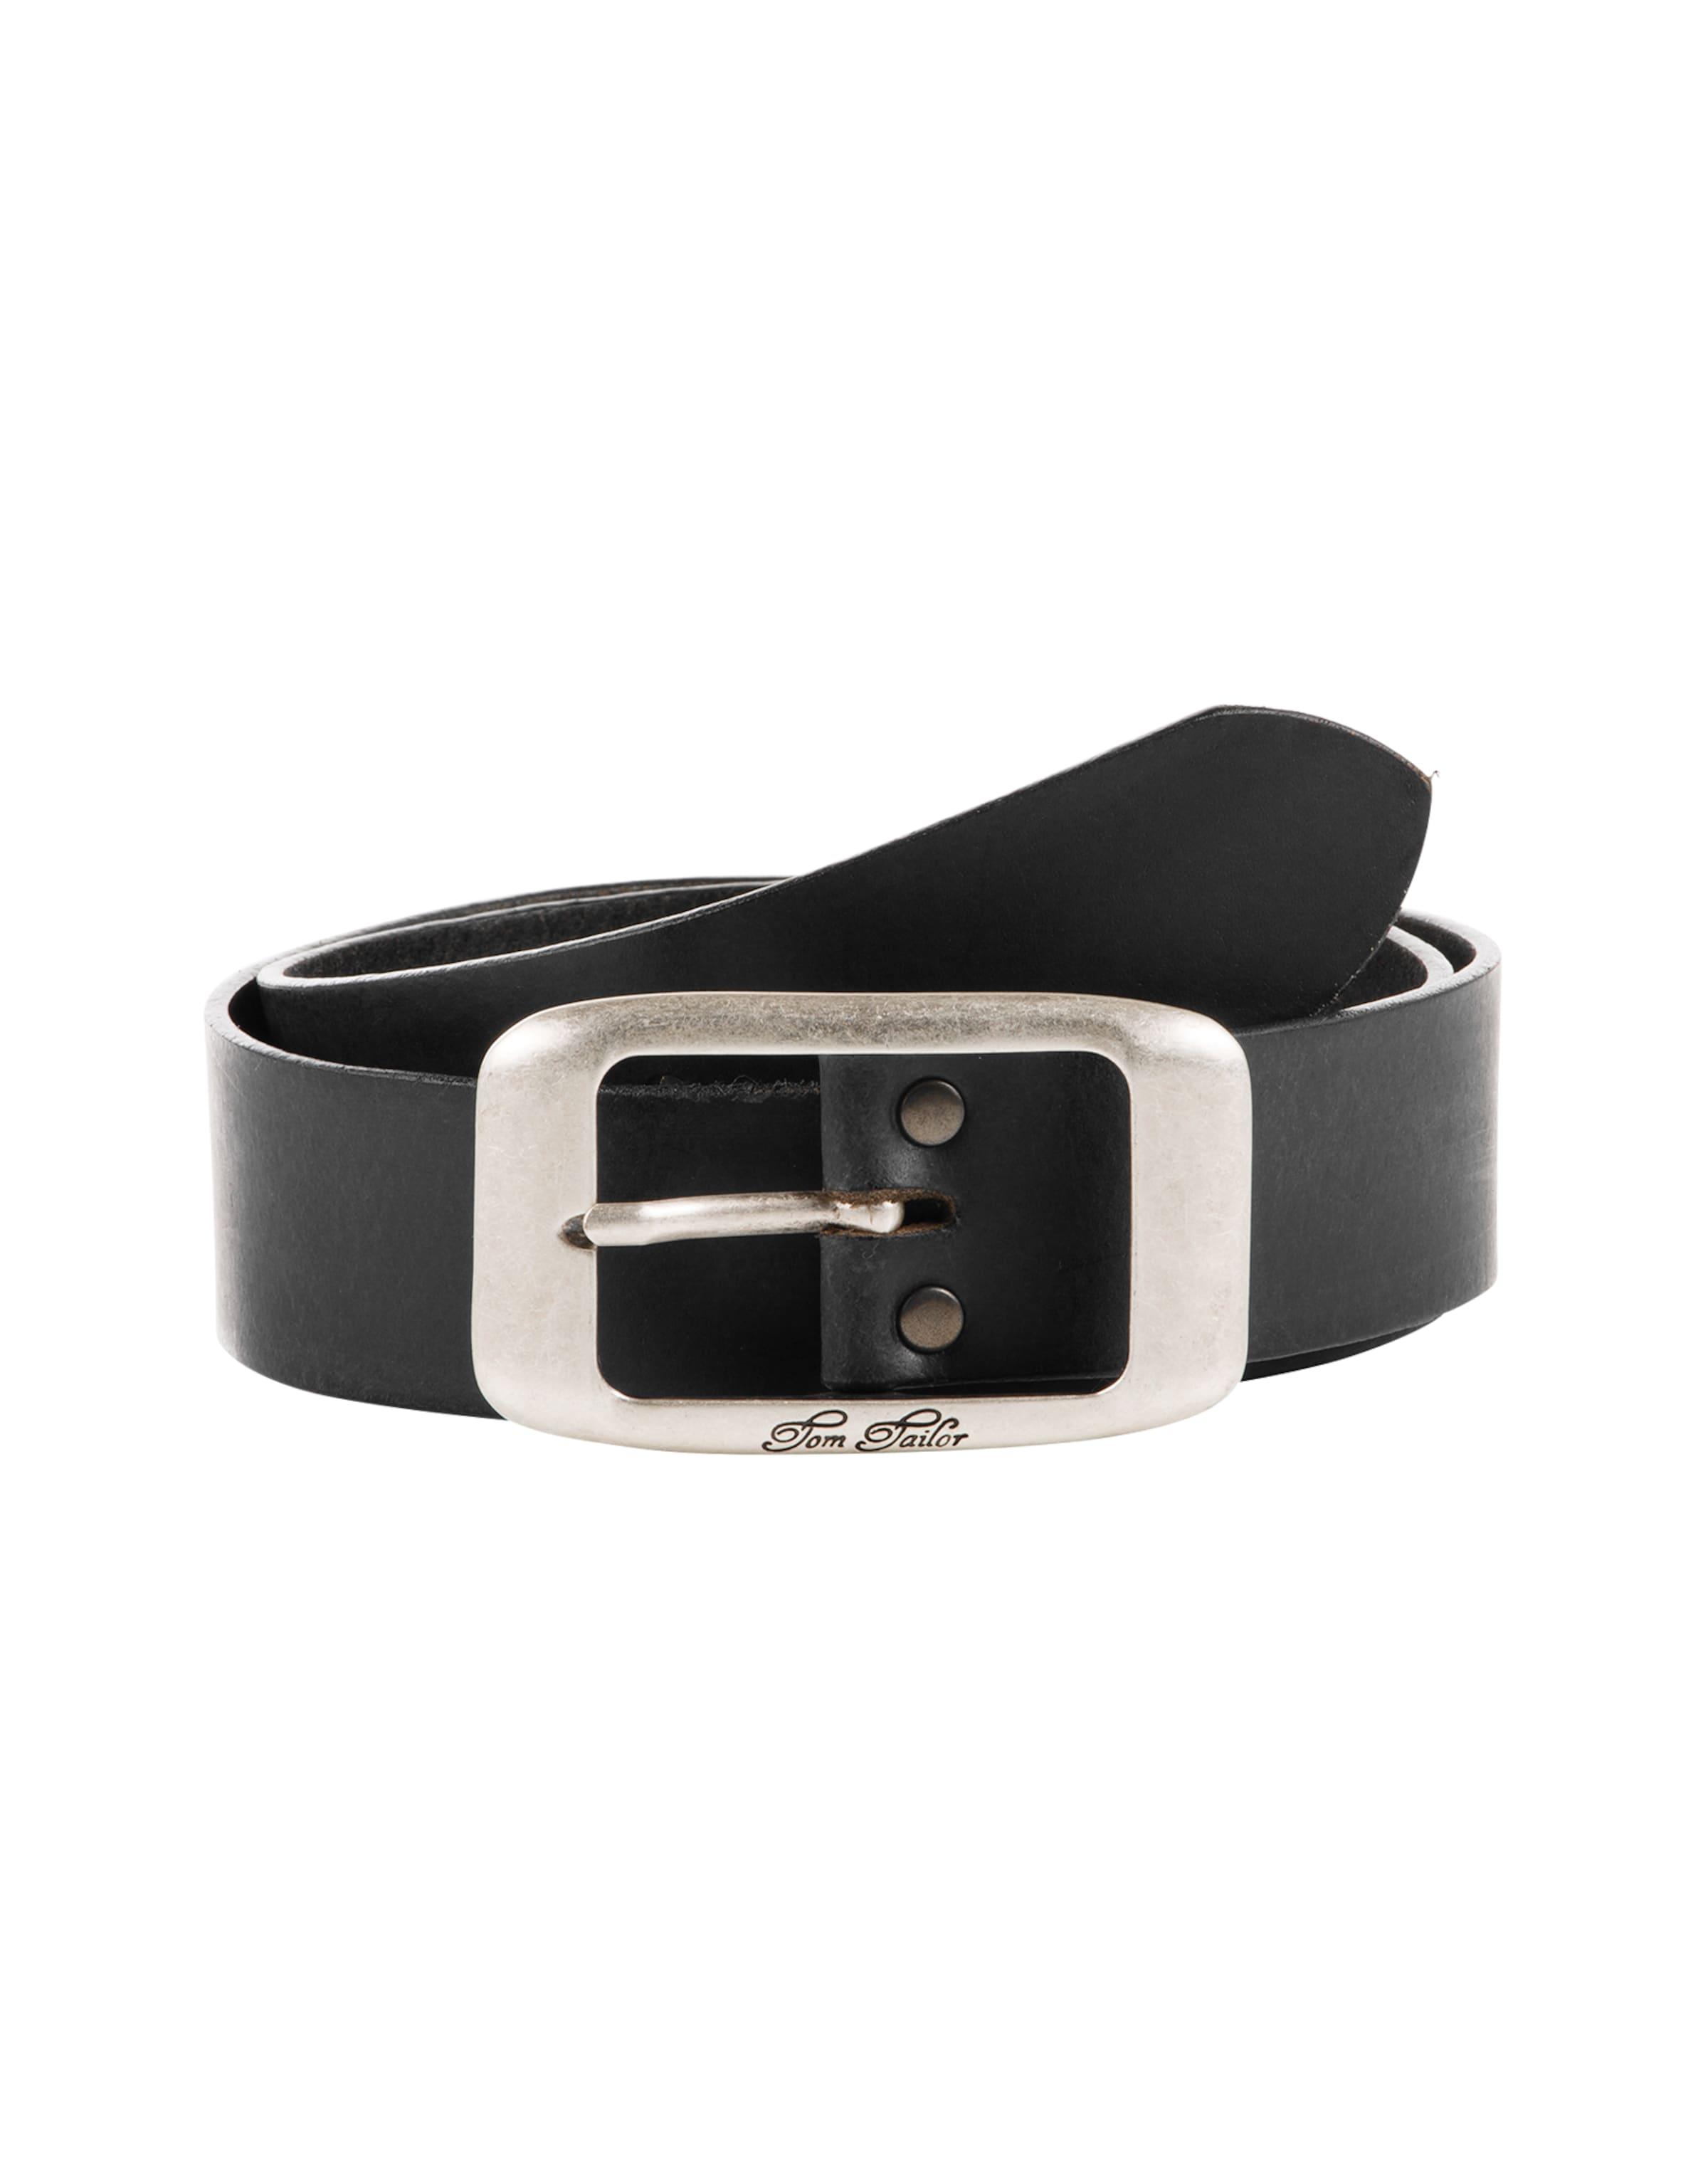 TOM TAILOR Ledergürtel 'used cow leather belt' Spielraum 2018 Neueste rP6ez88